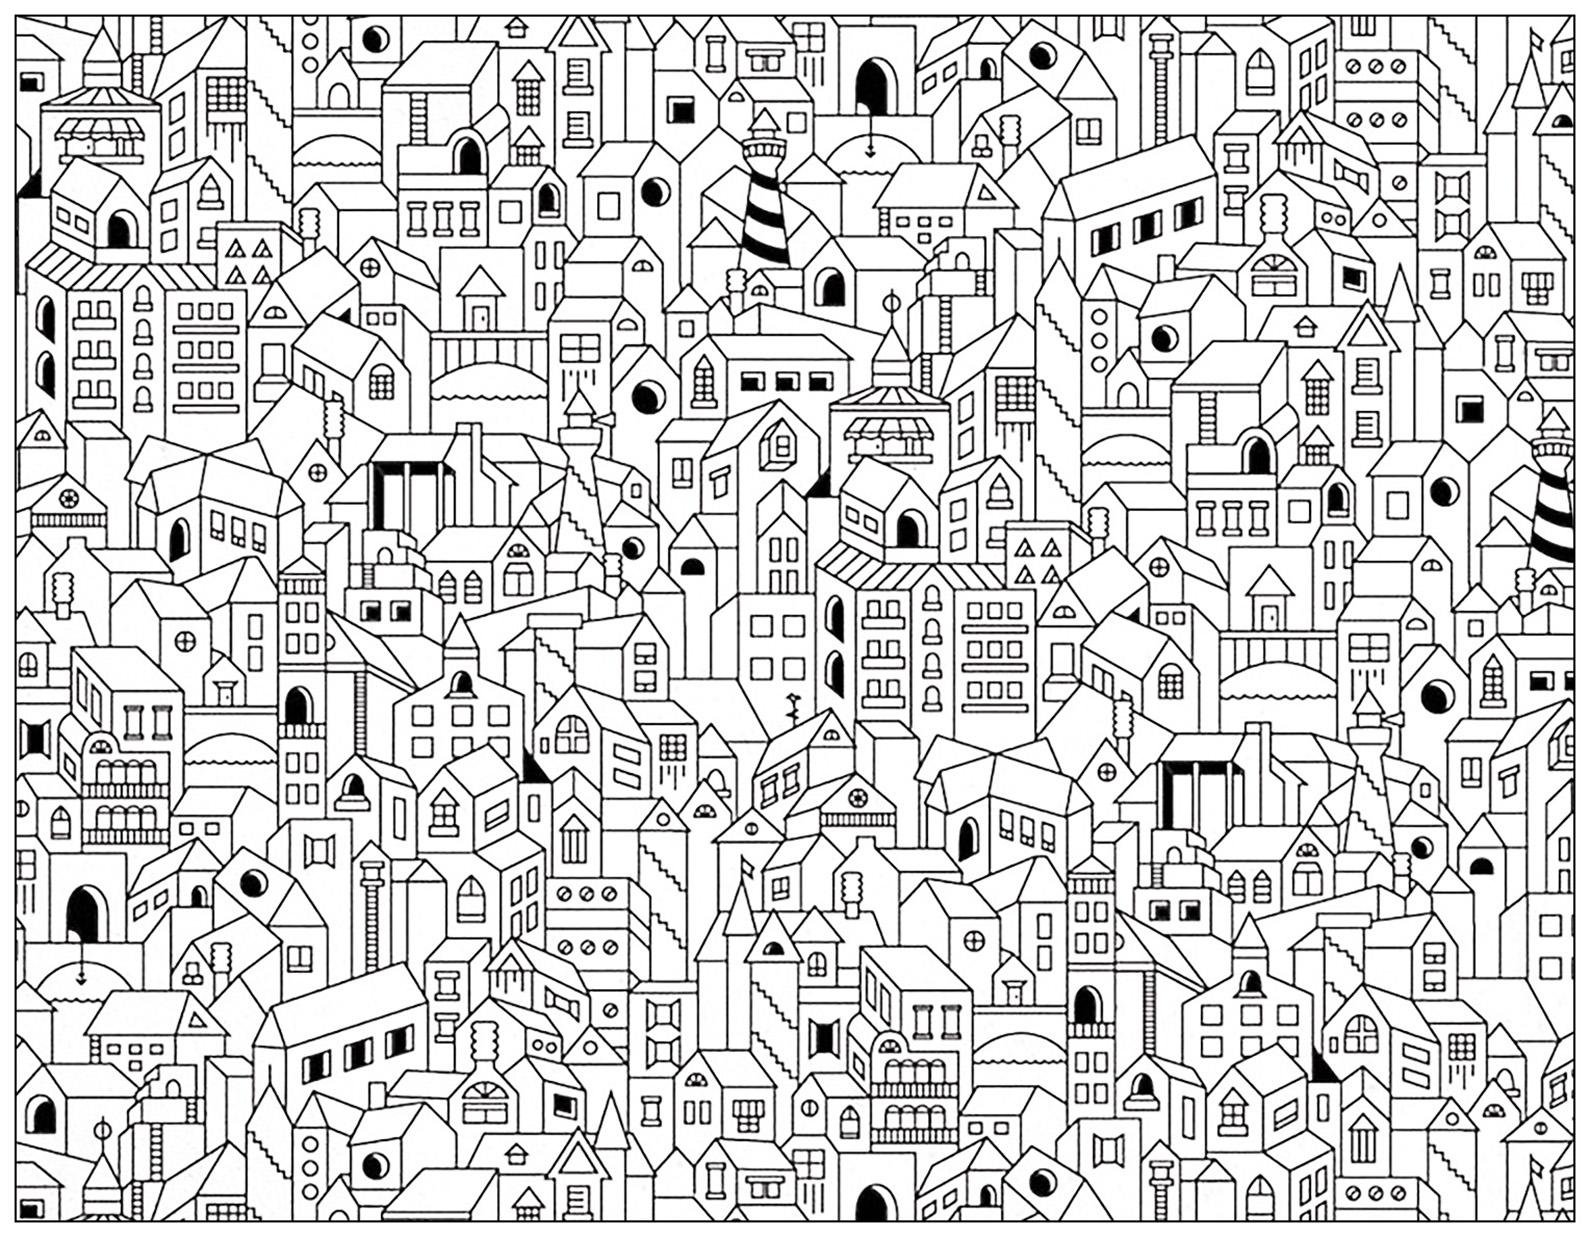 Dessin type Doodle d'une ville